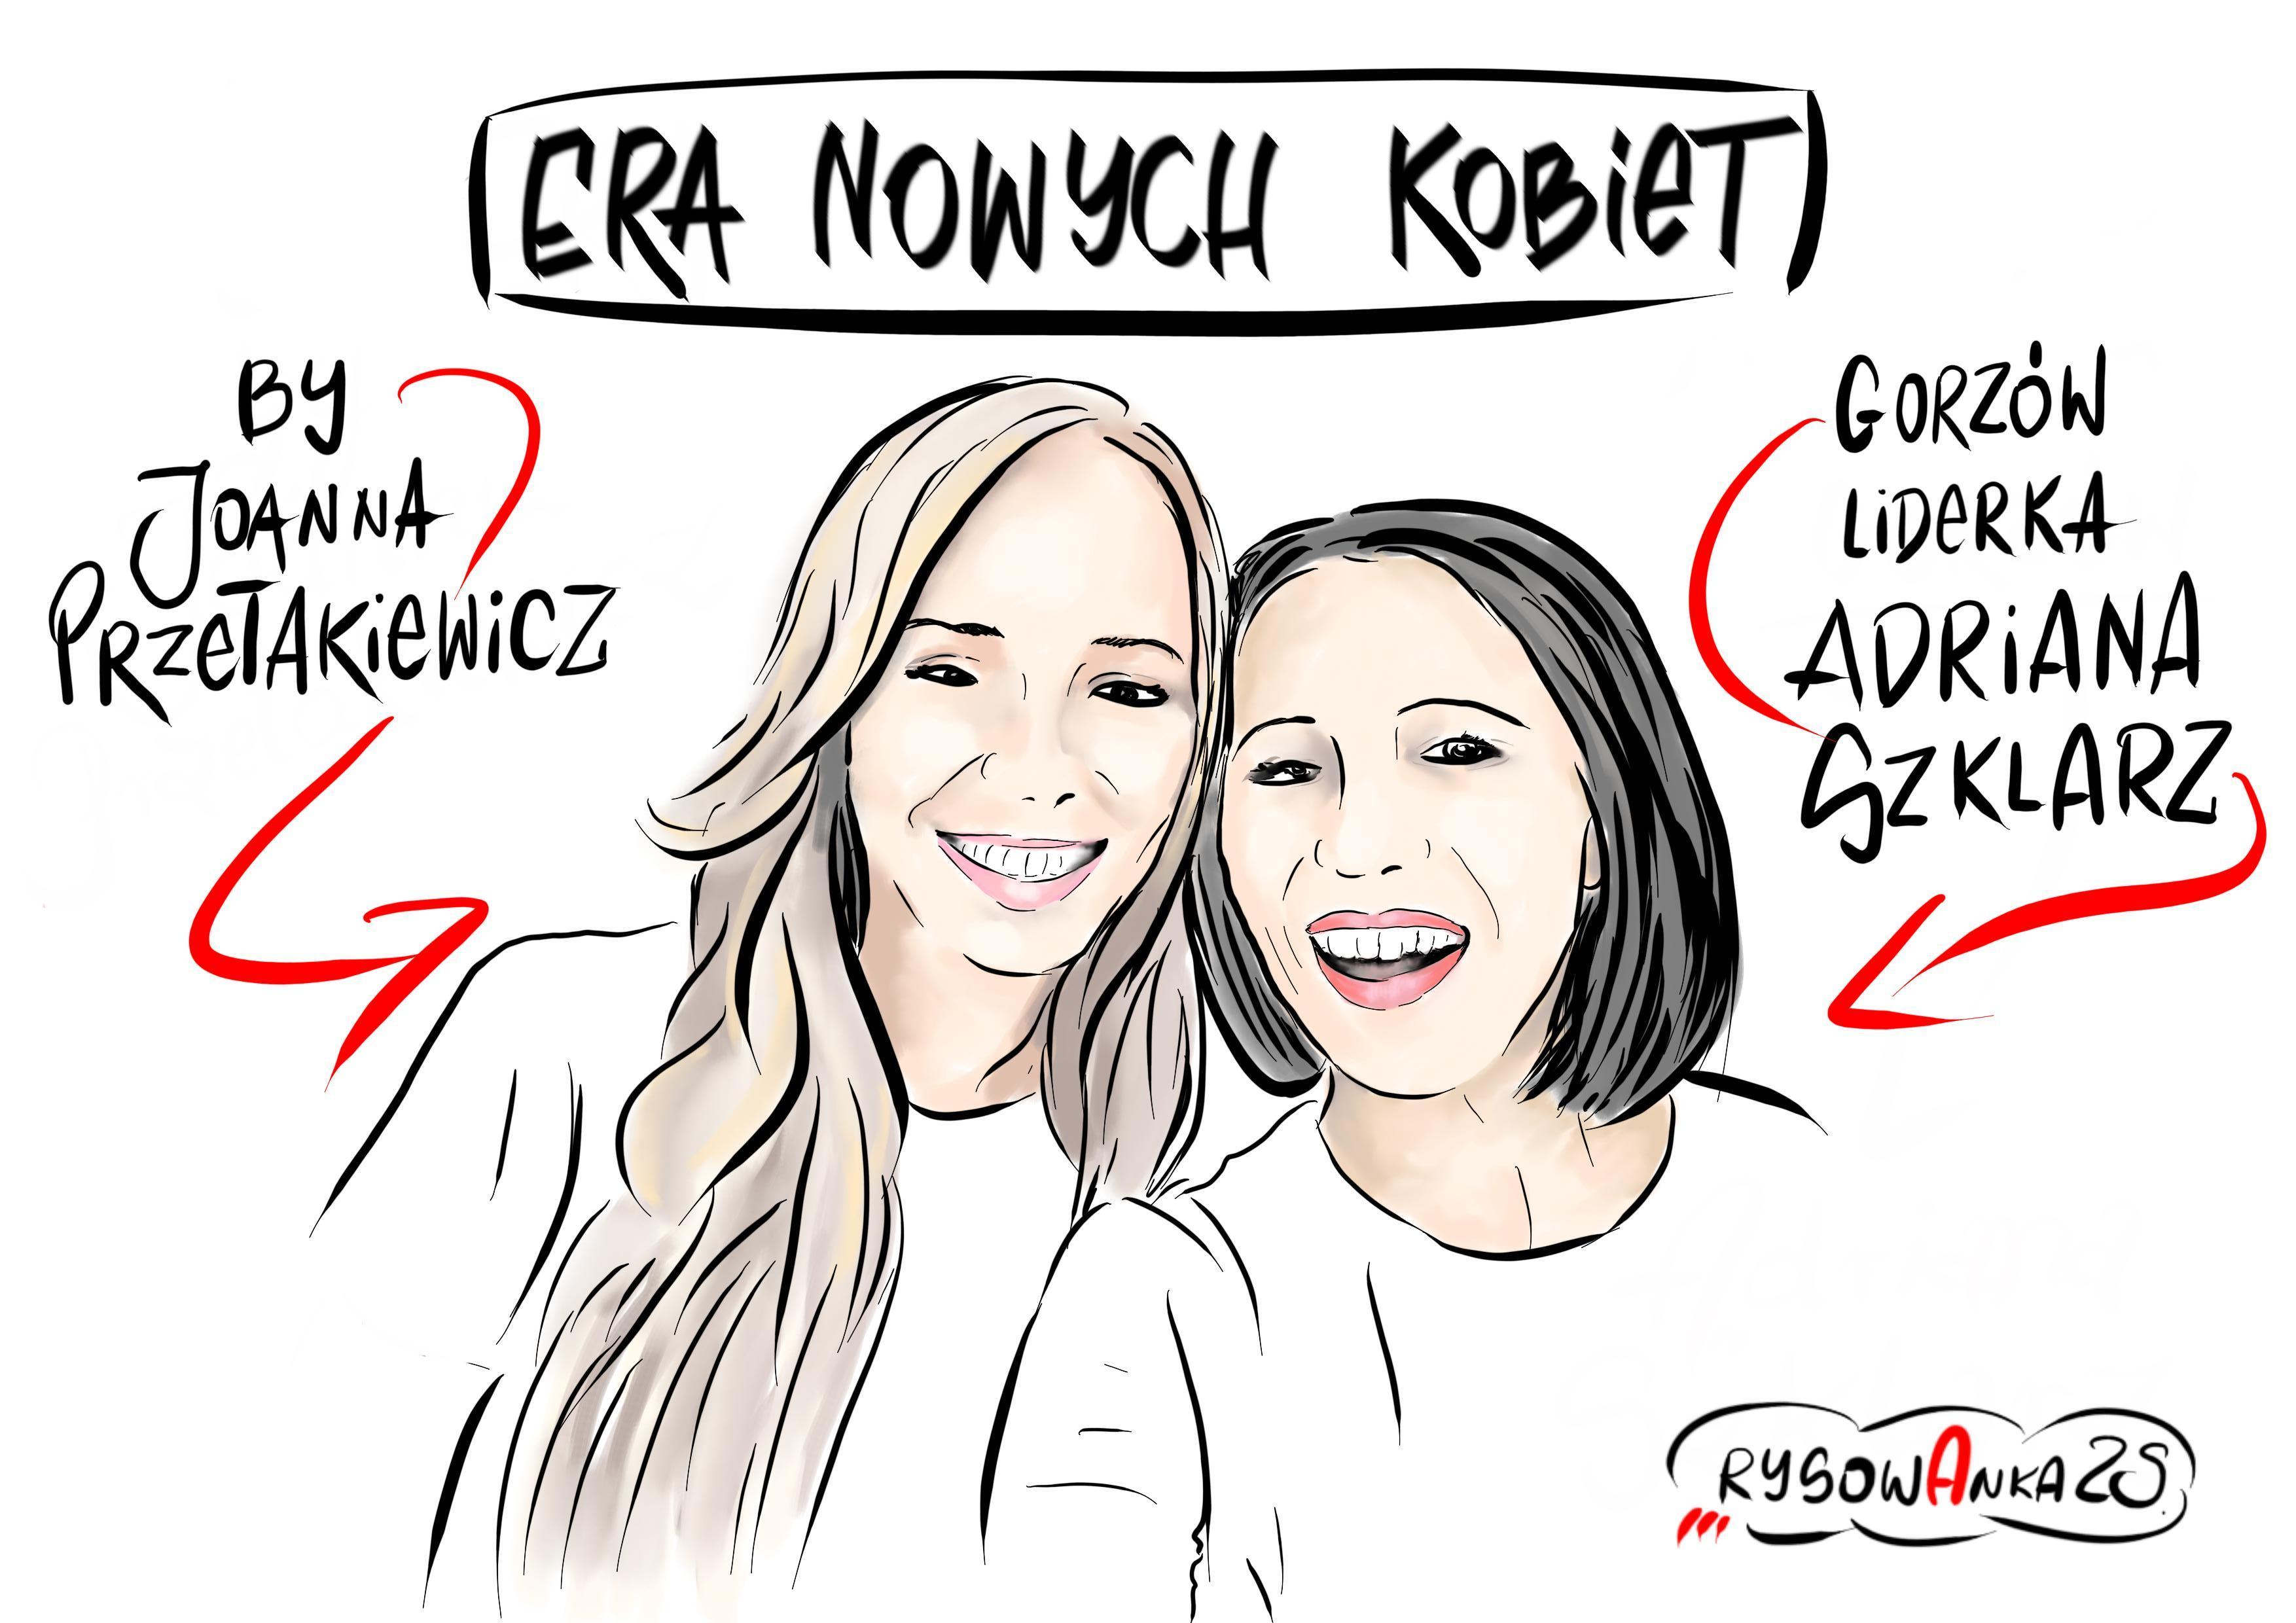 Era Nowych Kobiet by Joanna Przetakiewicz